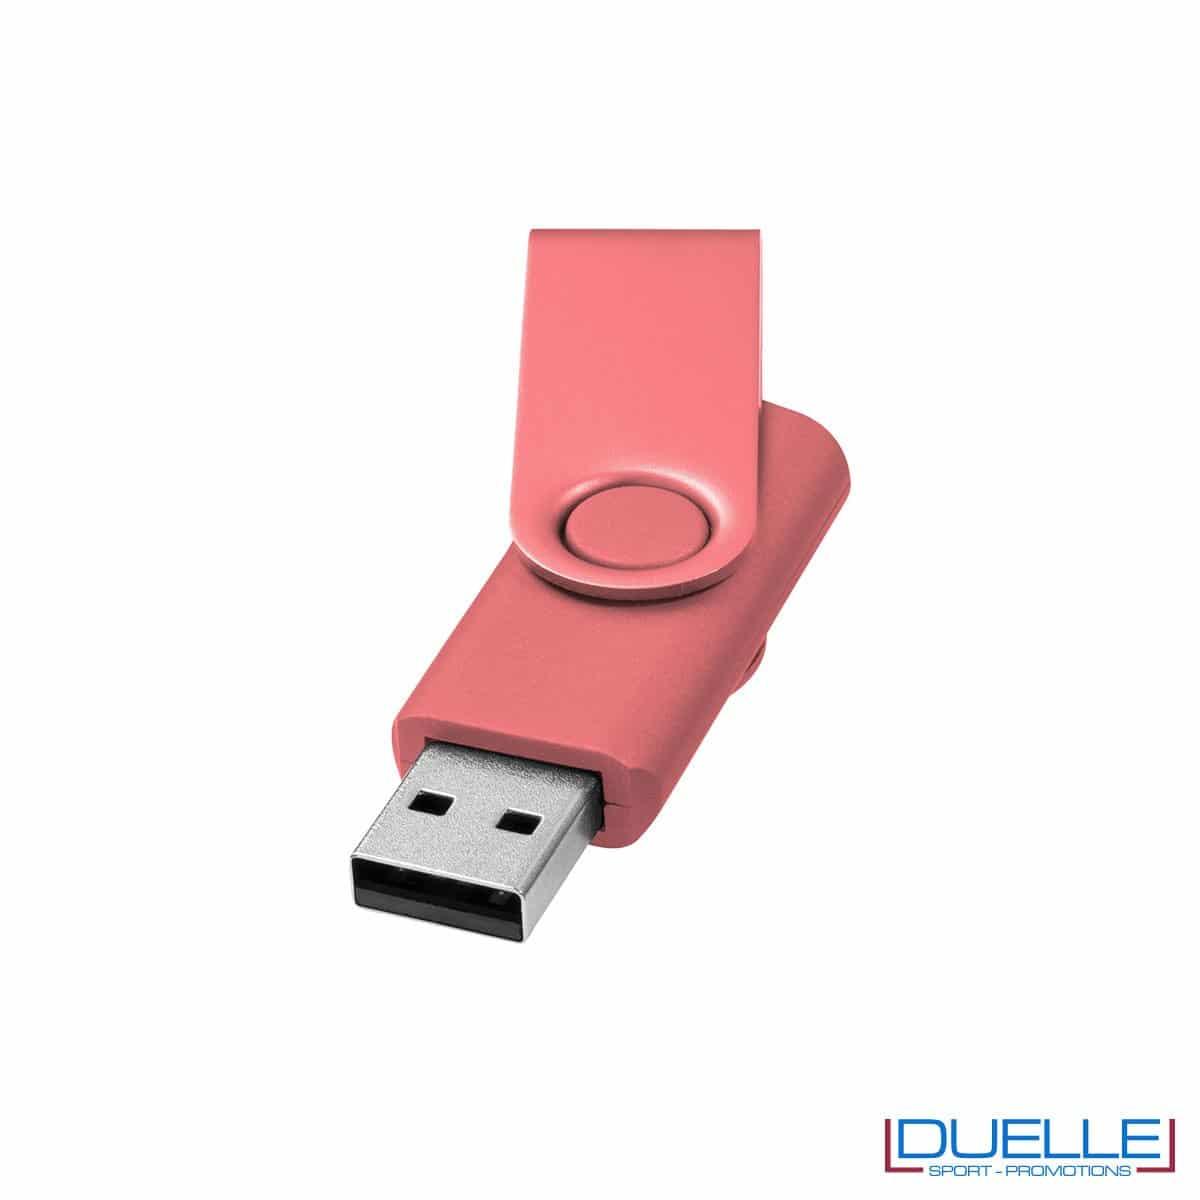 chiavetta USB personalizzata in colore rosa con scocca in alluminio anodizzato, memoria USB personalizzata